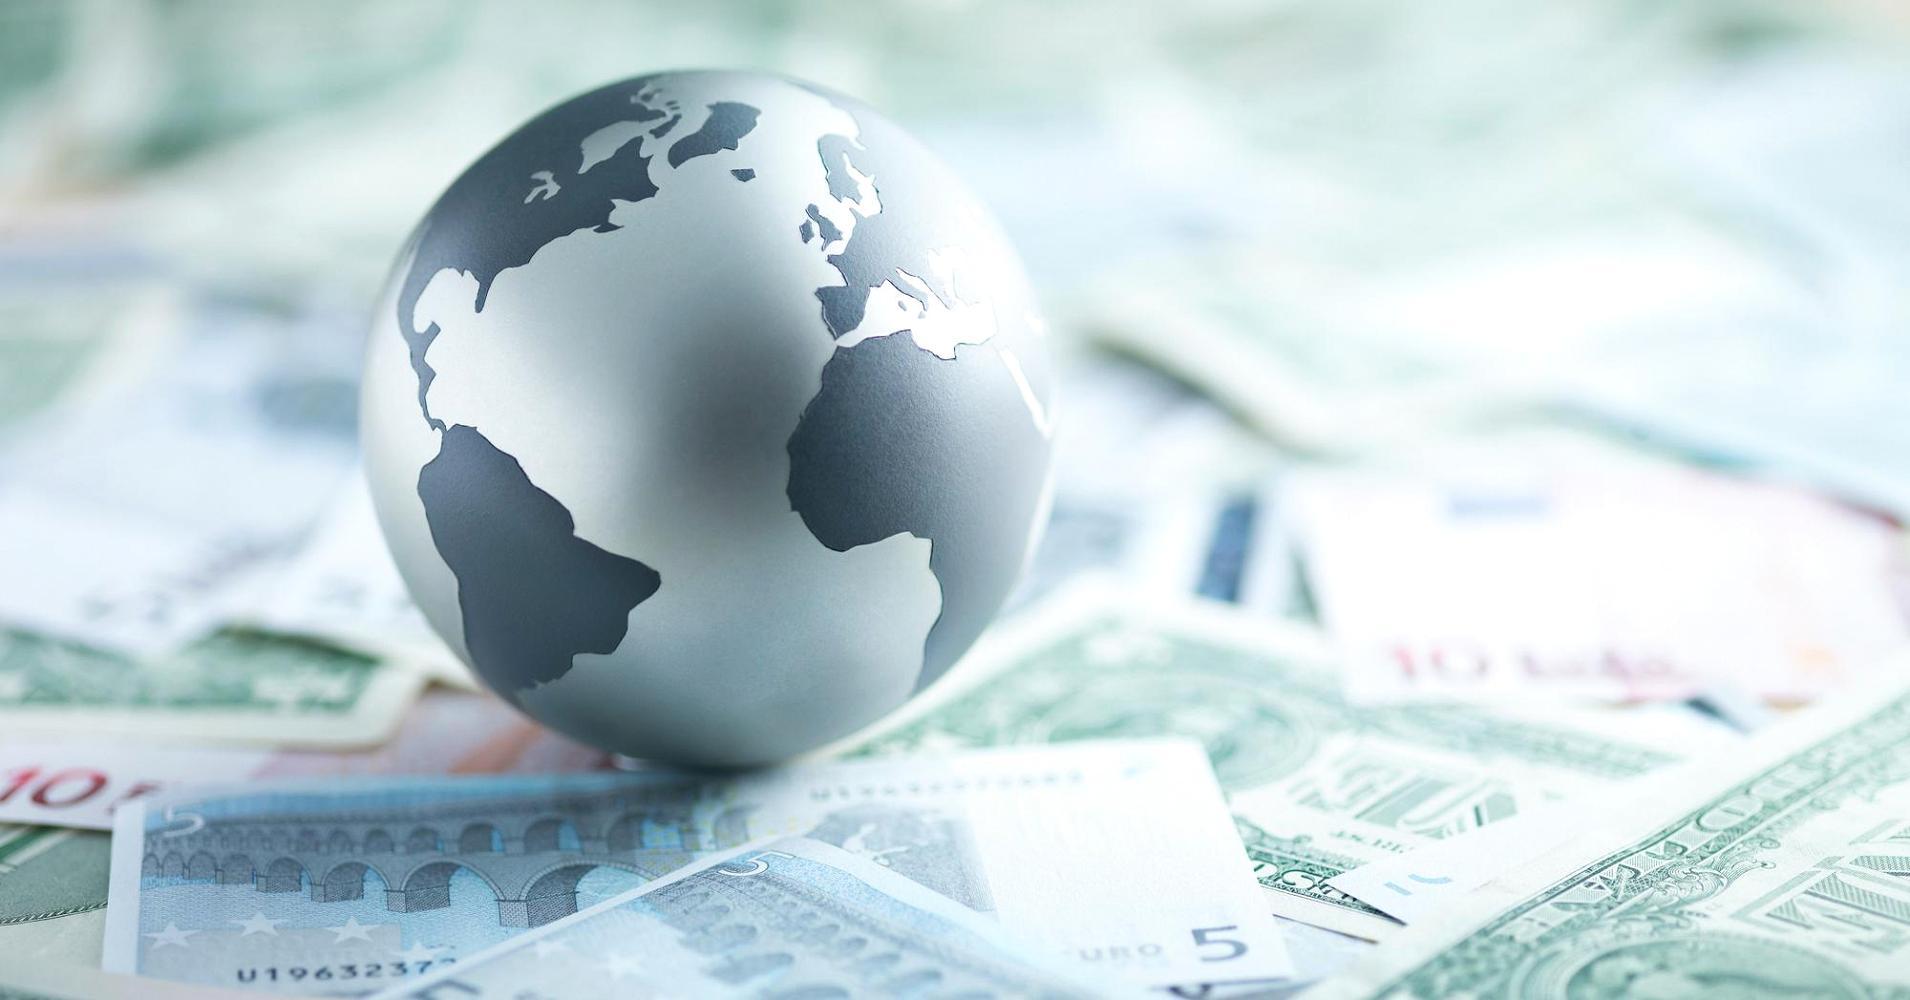 Munich Re, Insurance Outlook 2017: prevista una maggiore crescita globale per il 2018 del settore assicurativo